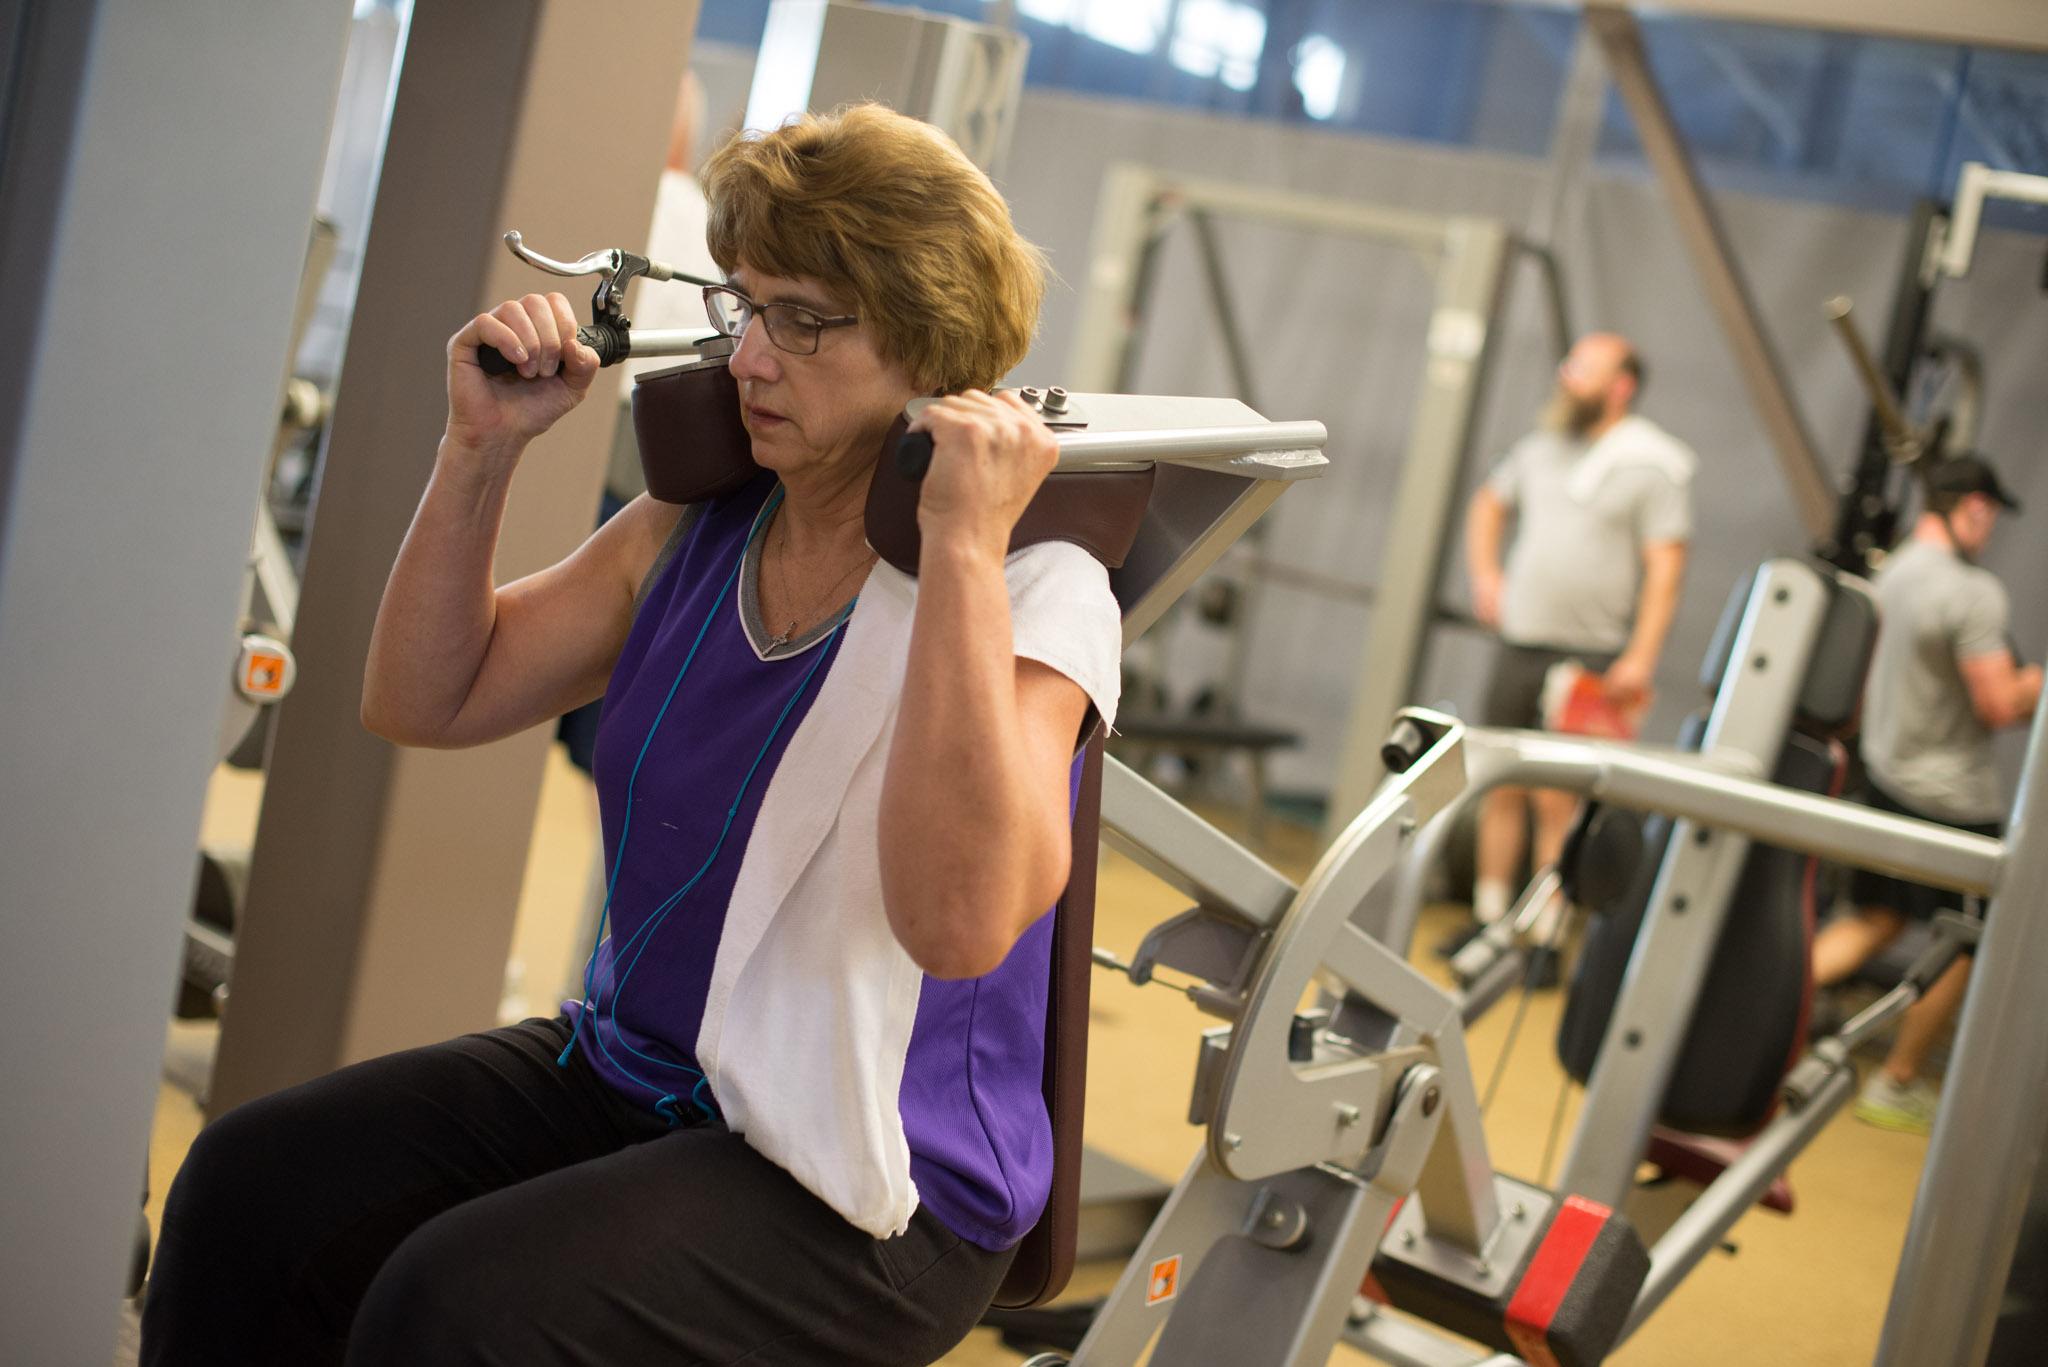 Wellness Center Stock Photos-1274.jpg